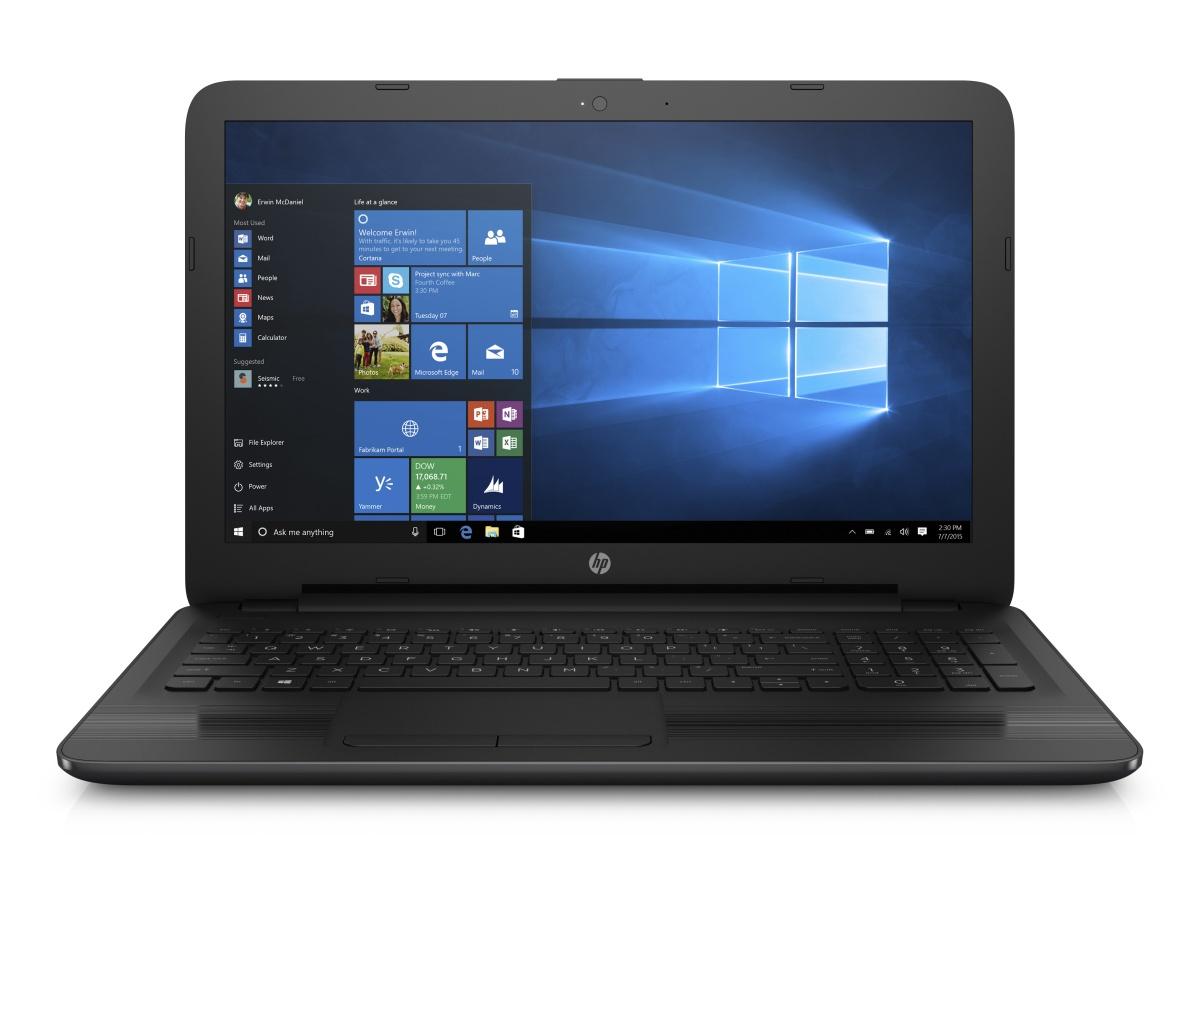 HP NB 250 G5 i3-5005U 15.6 FullHD 4GB 256GB DVDRW W10